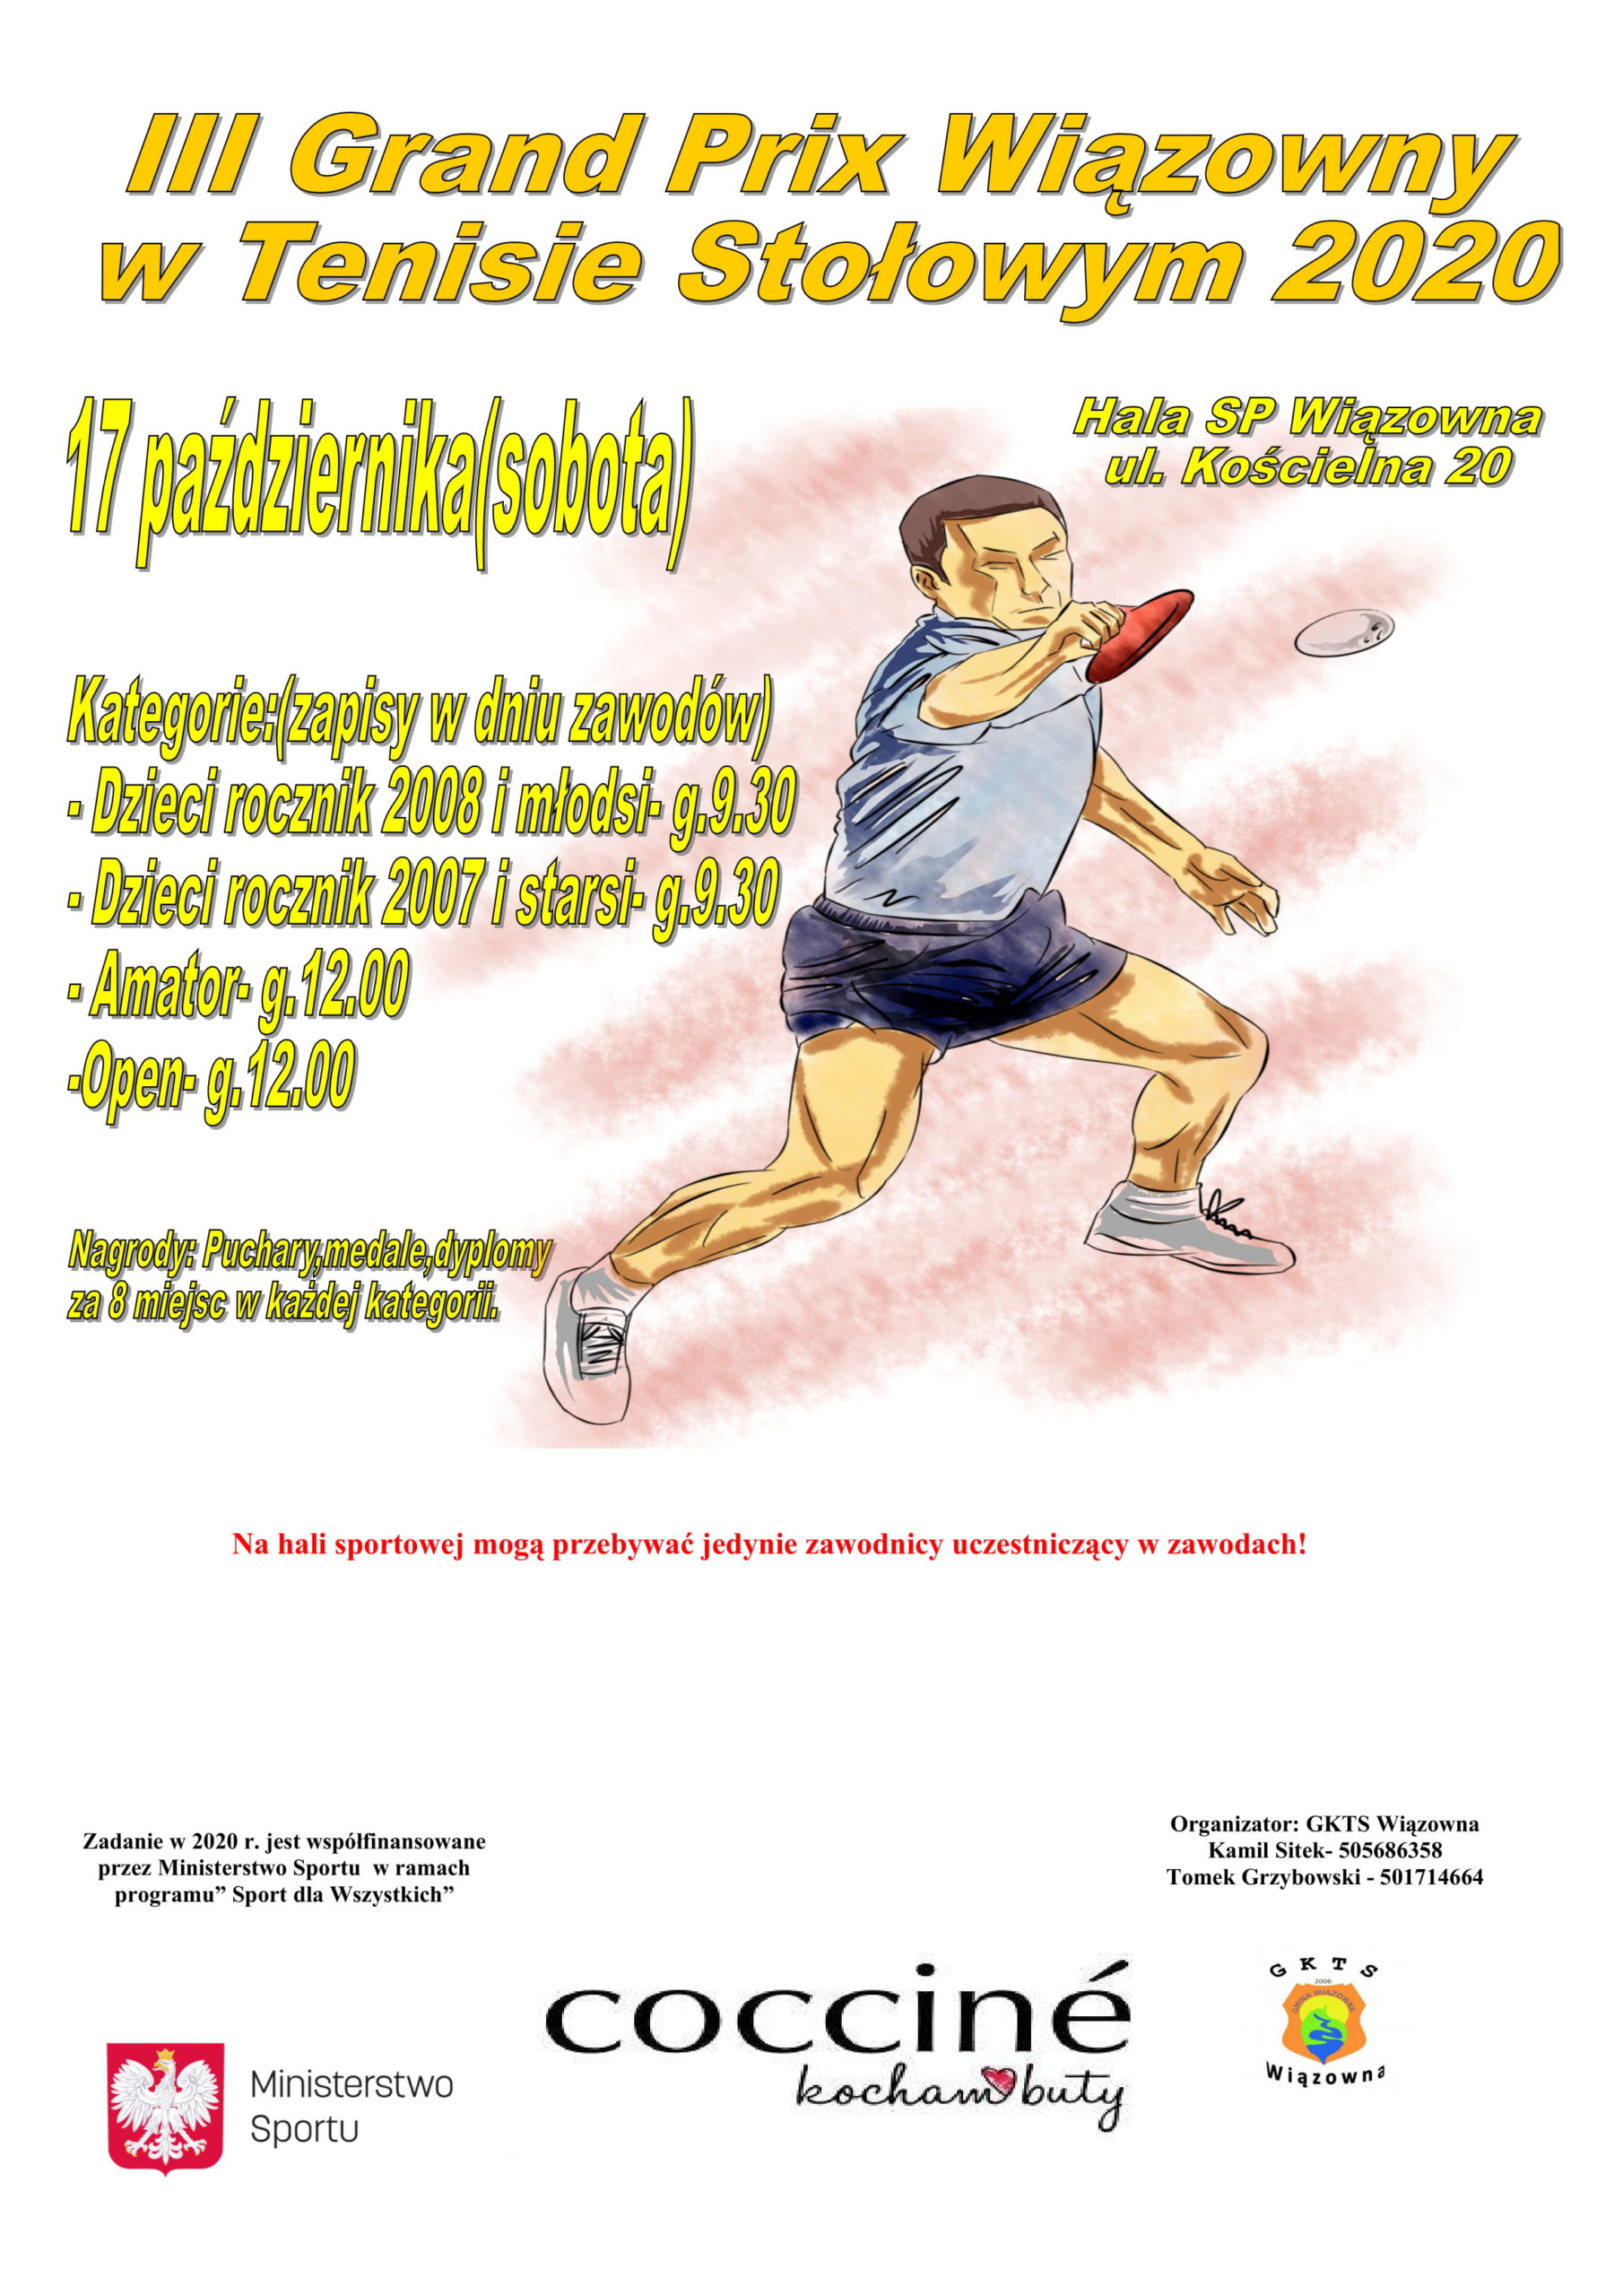 III Grand Prix Wiązowny w Tenisie Stołowym 2020 odbędzie się 11 października w Szkole Podstawowej w Wiązownie